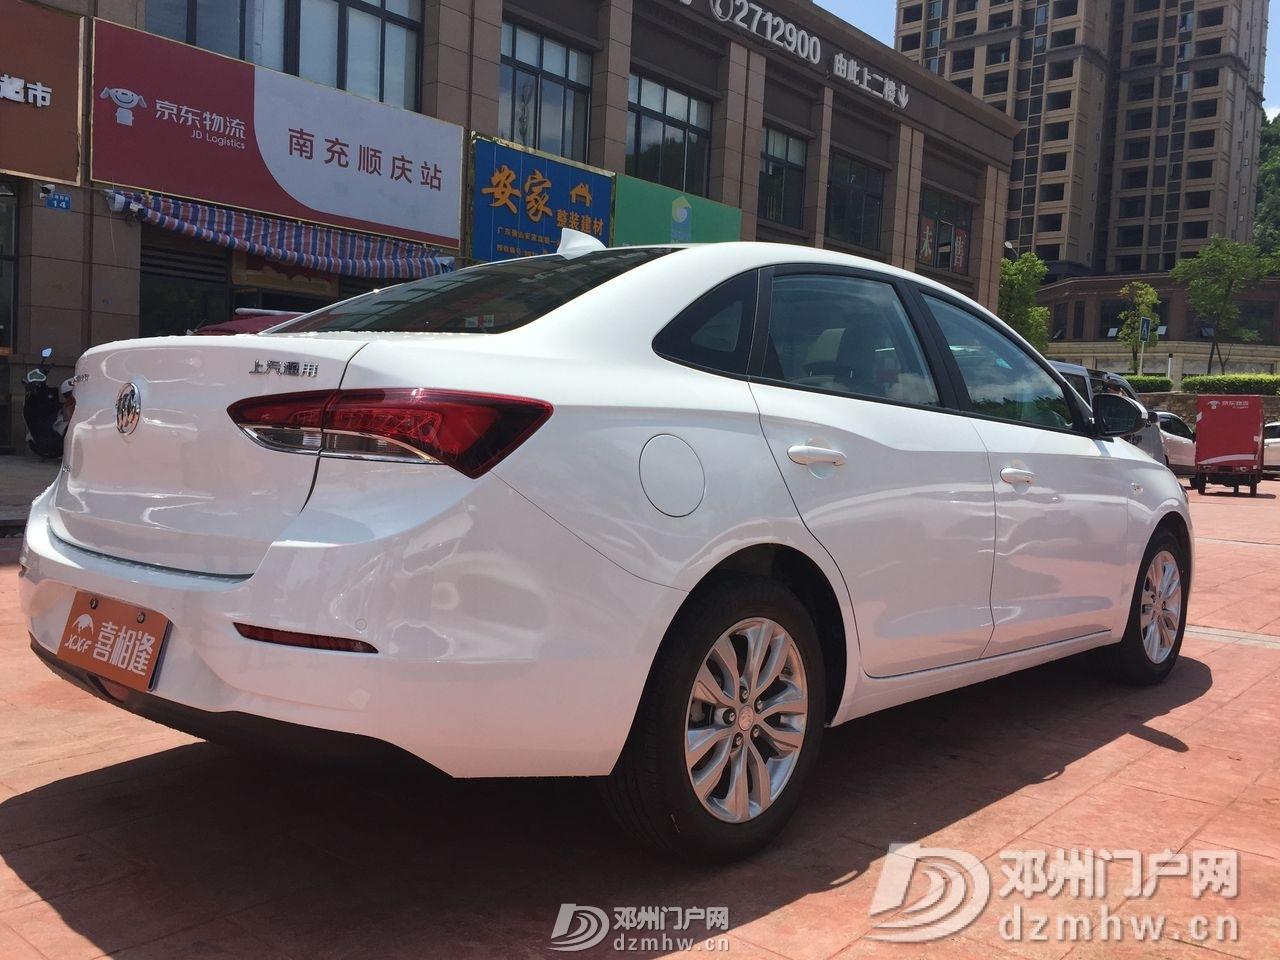 分期购车  一成首付 - 邓州门户网|邓州网 - 7.jpg